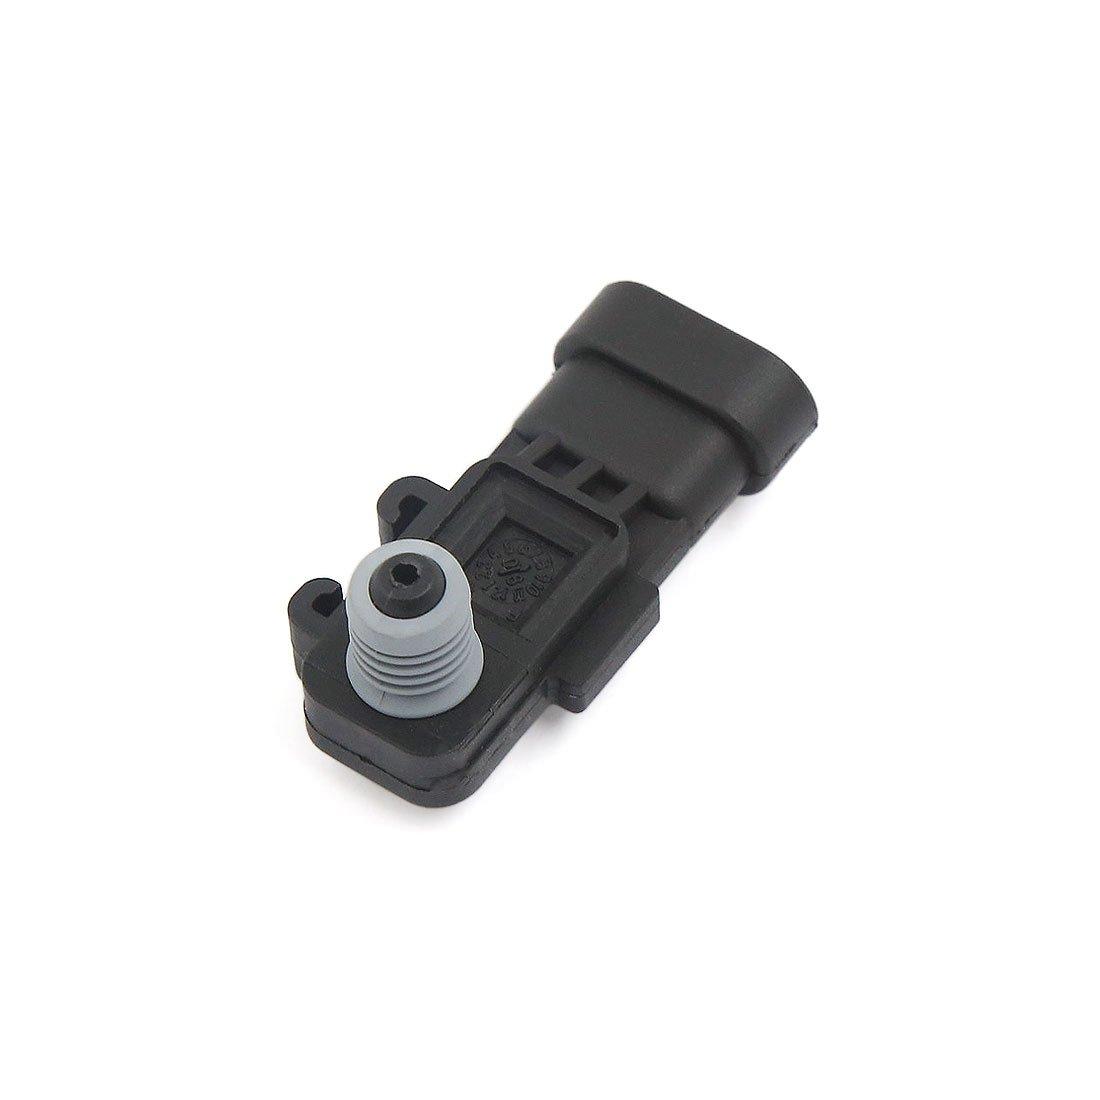 uxcell® 16238399 Fuel Pump Tank vapor Vent Pressure Sensor for Acura Cadillac Chevrolet US-SA-AJD-230762